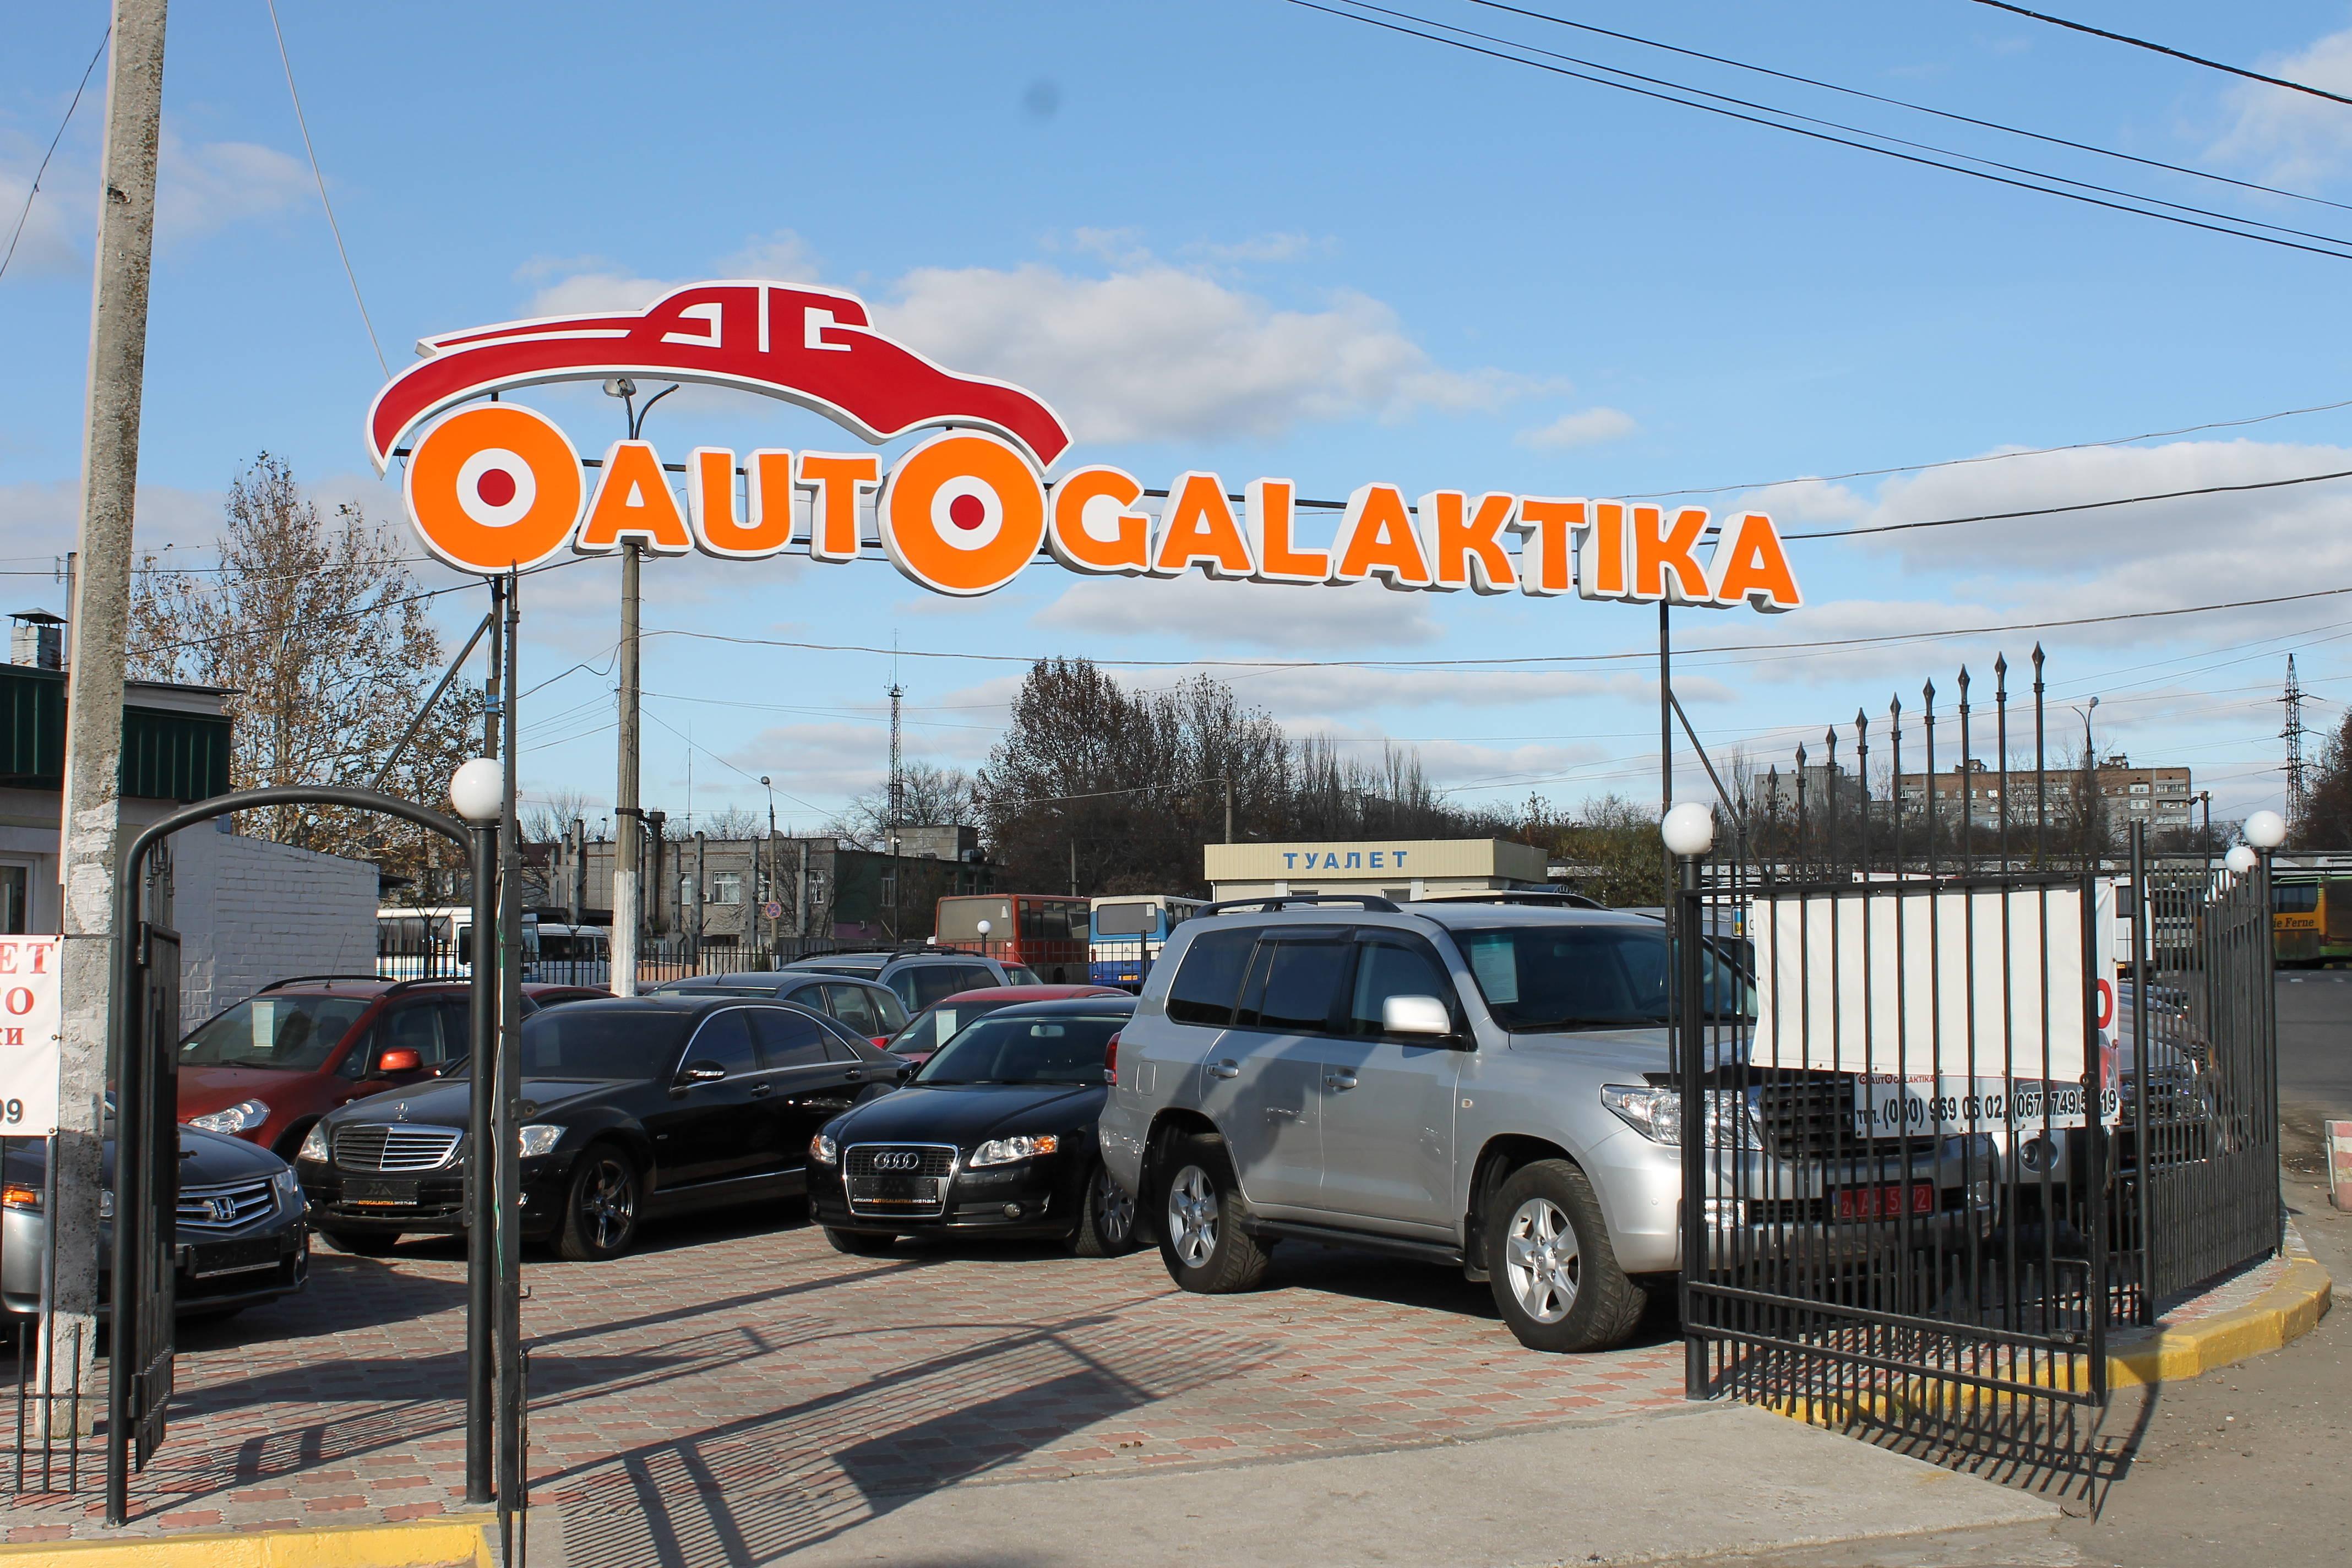 Автосалон москвы автогалактика новое авто в автосалонах москвы